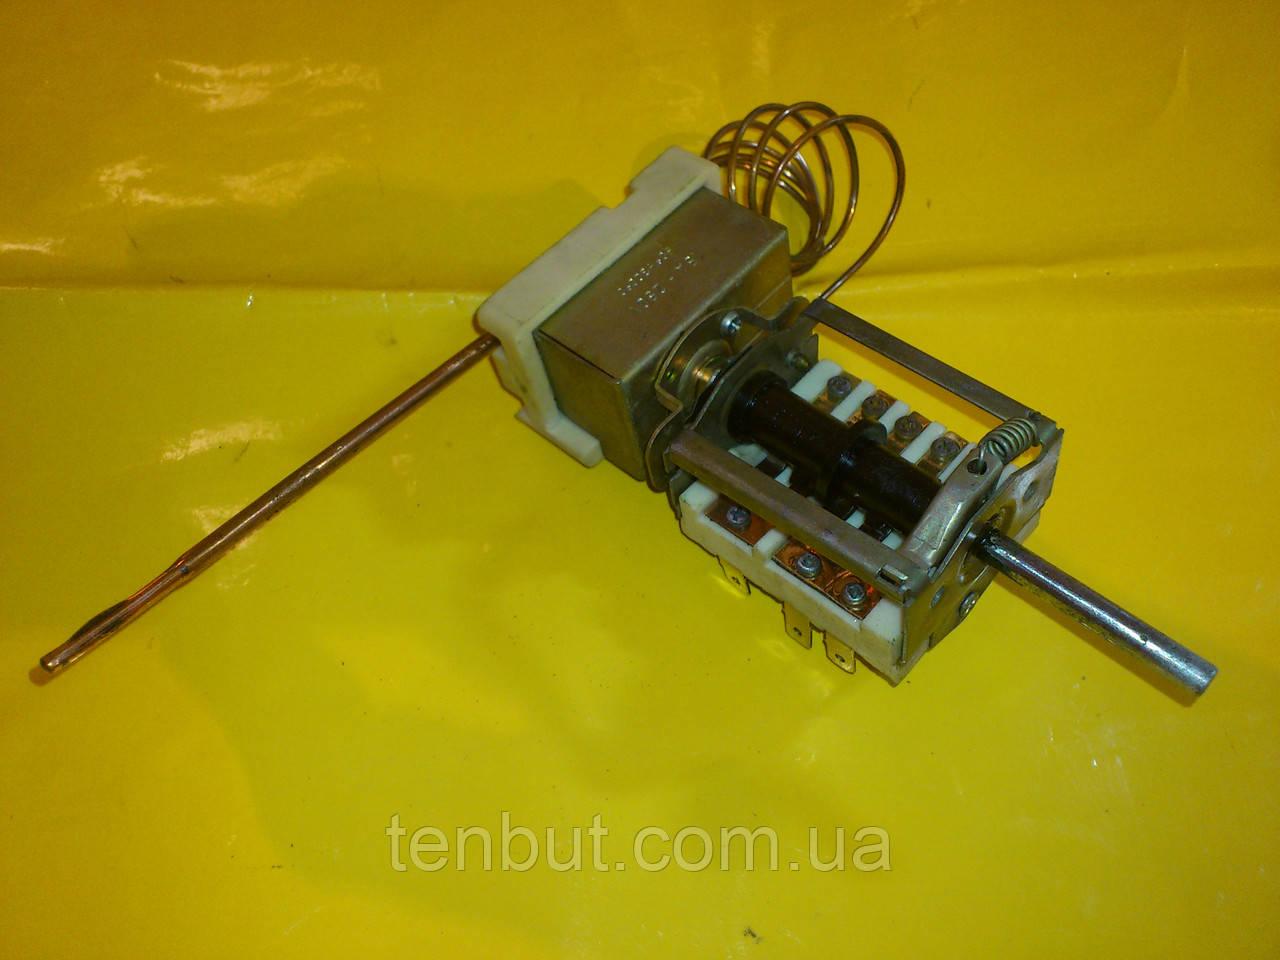 Переключатель с терморегулятором для электроплиты ЭЛЕКТРА 1001 - 1002